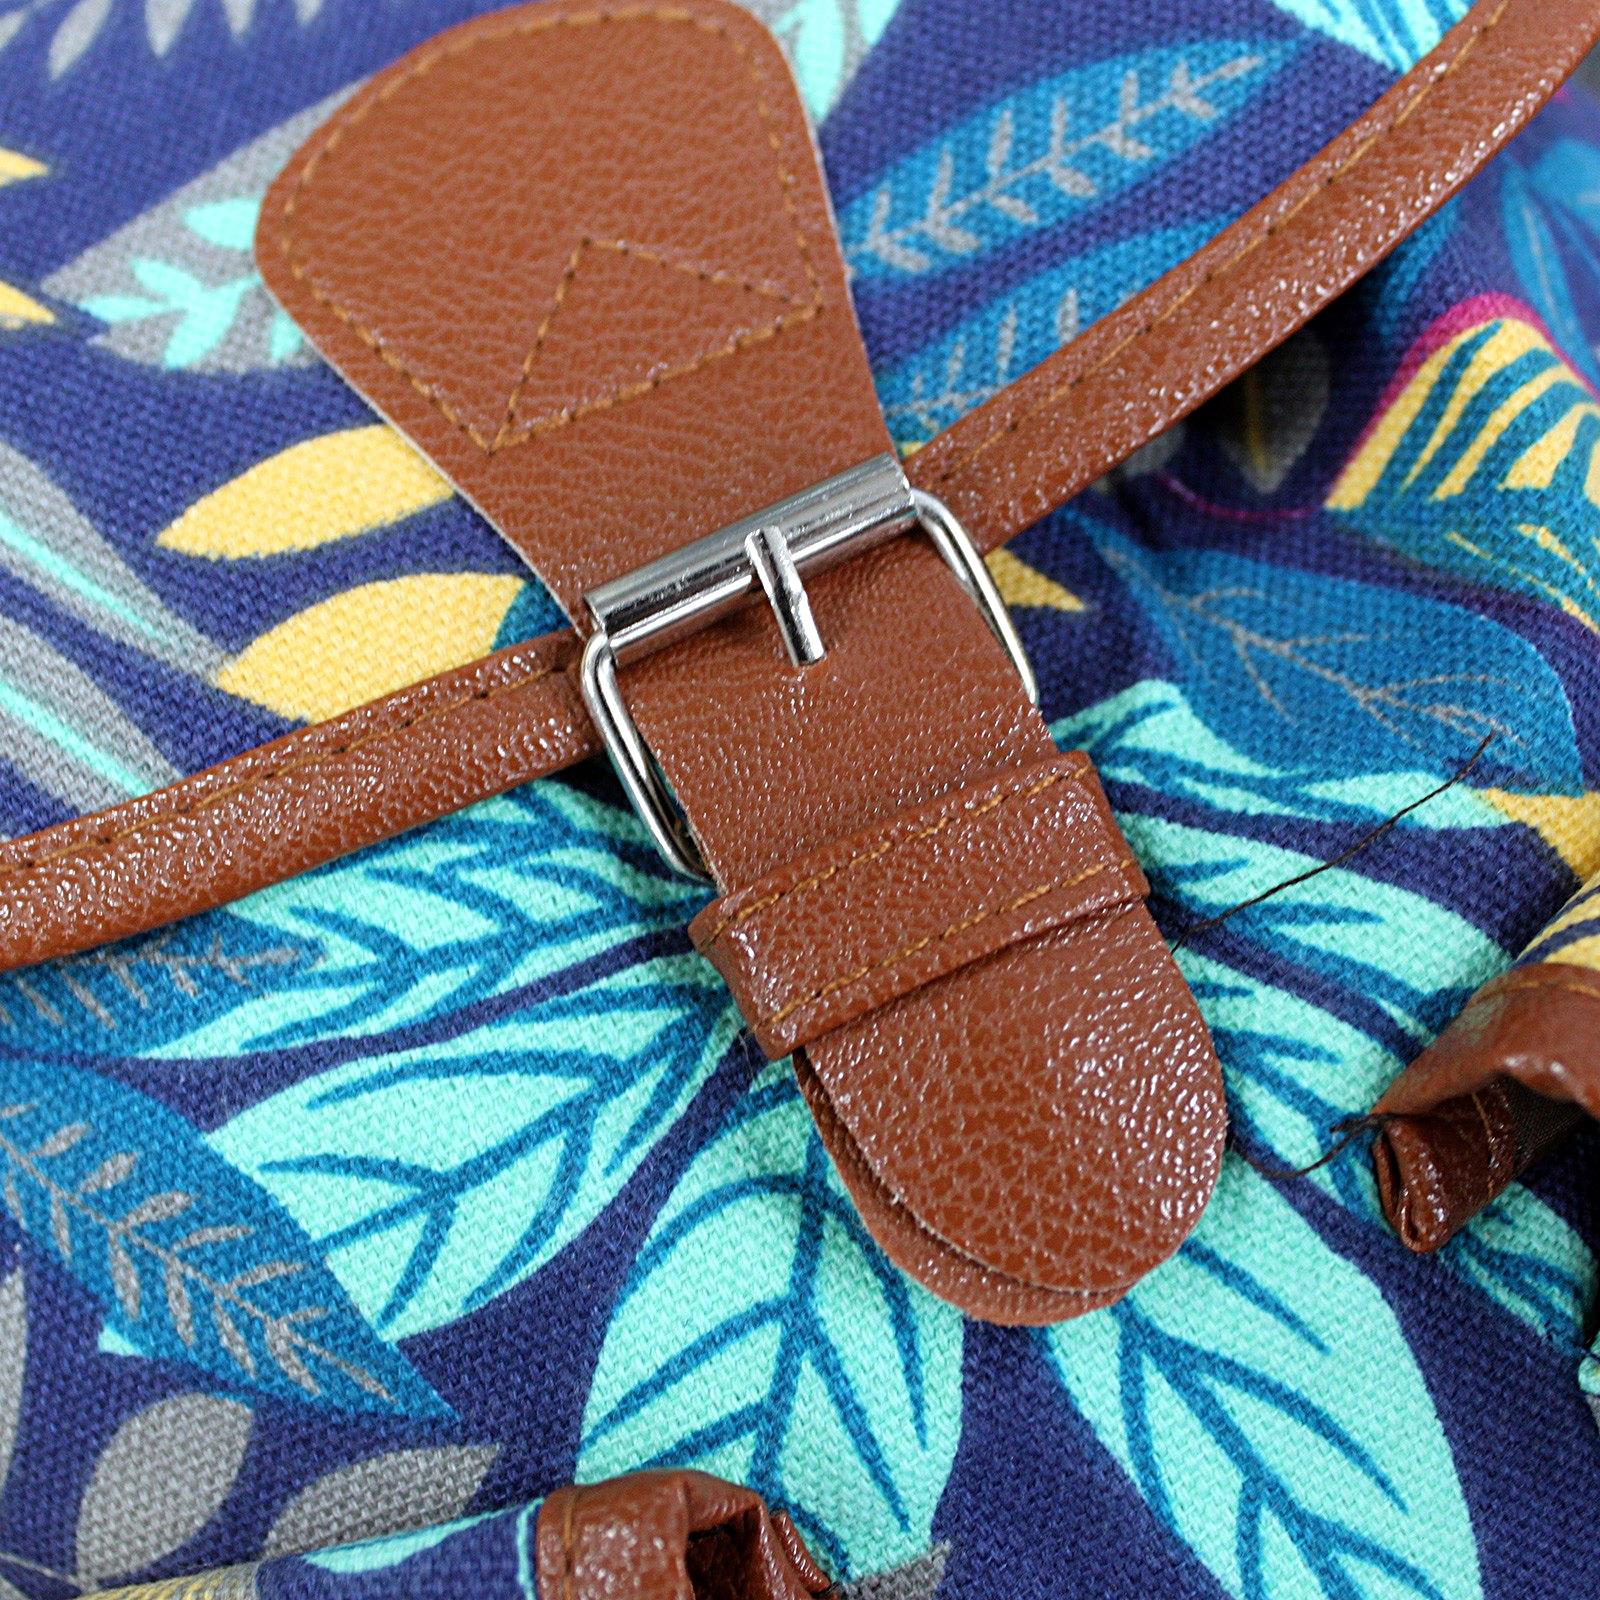 jungle-bag-big-backpack-blue-teal-detail3 d22bb881441f1